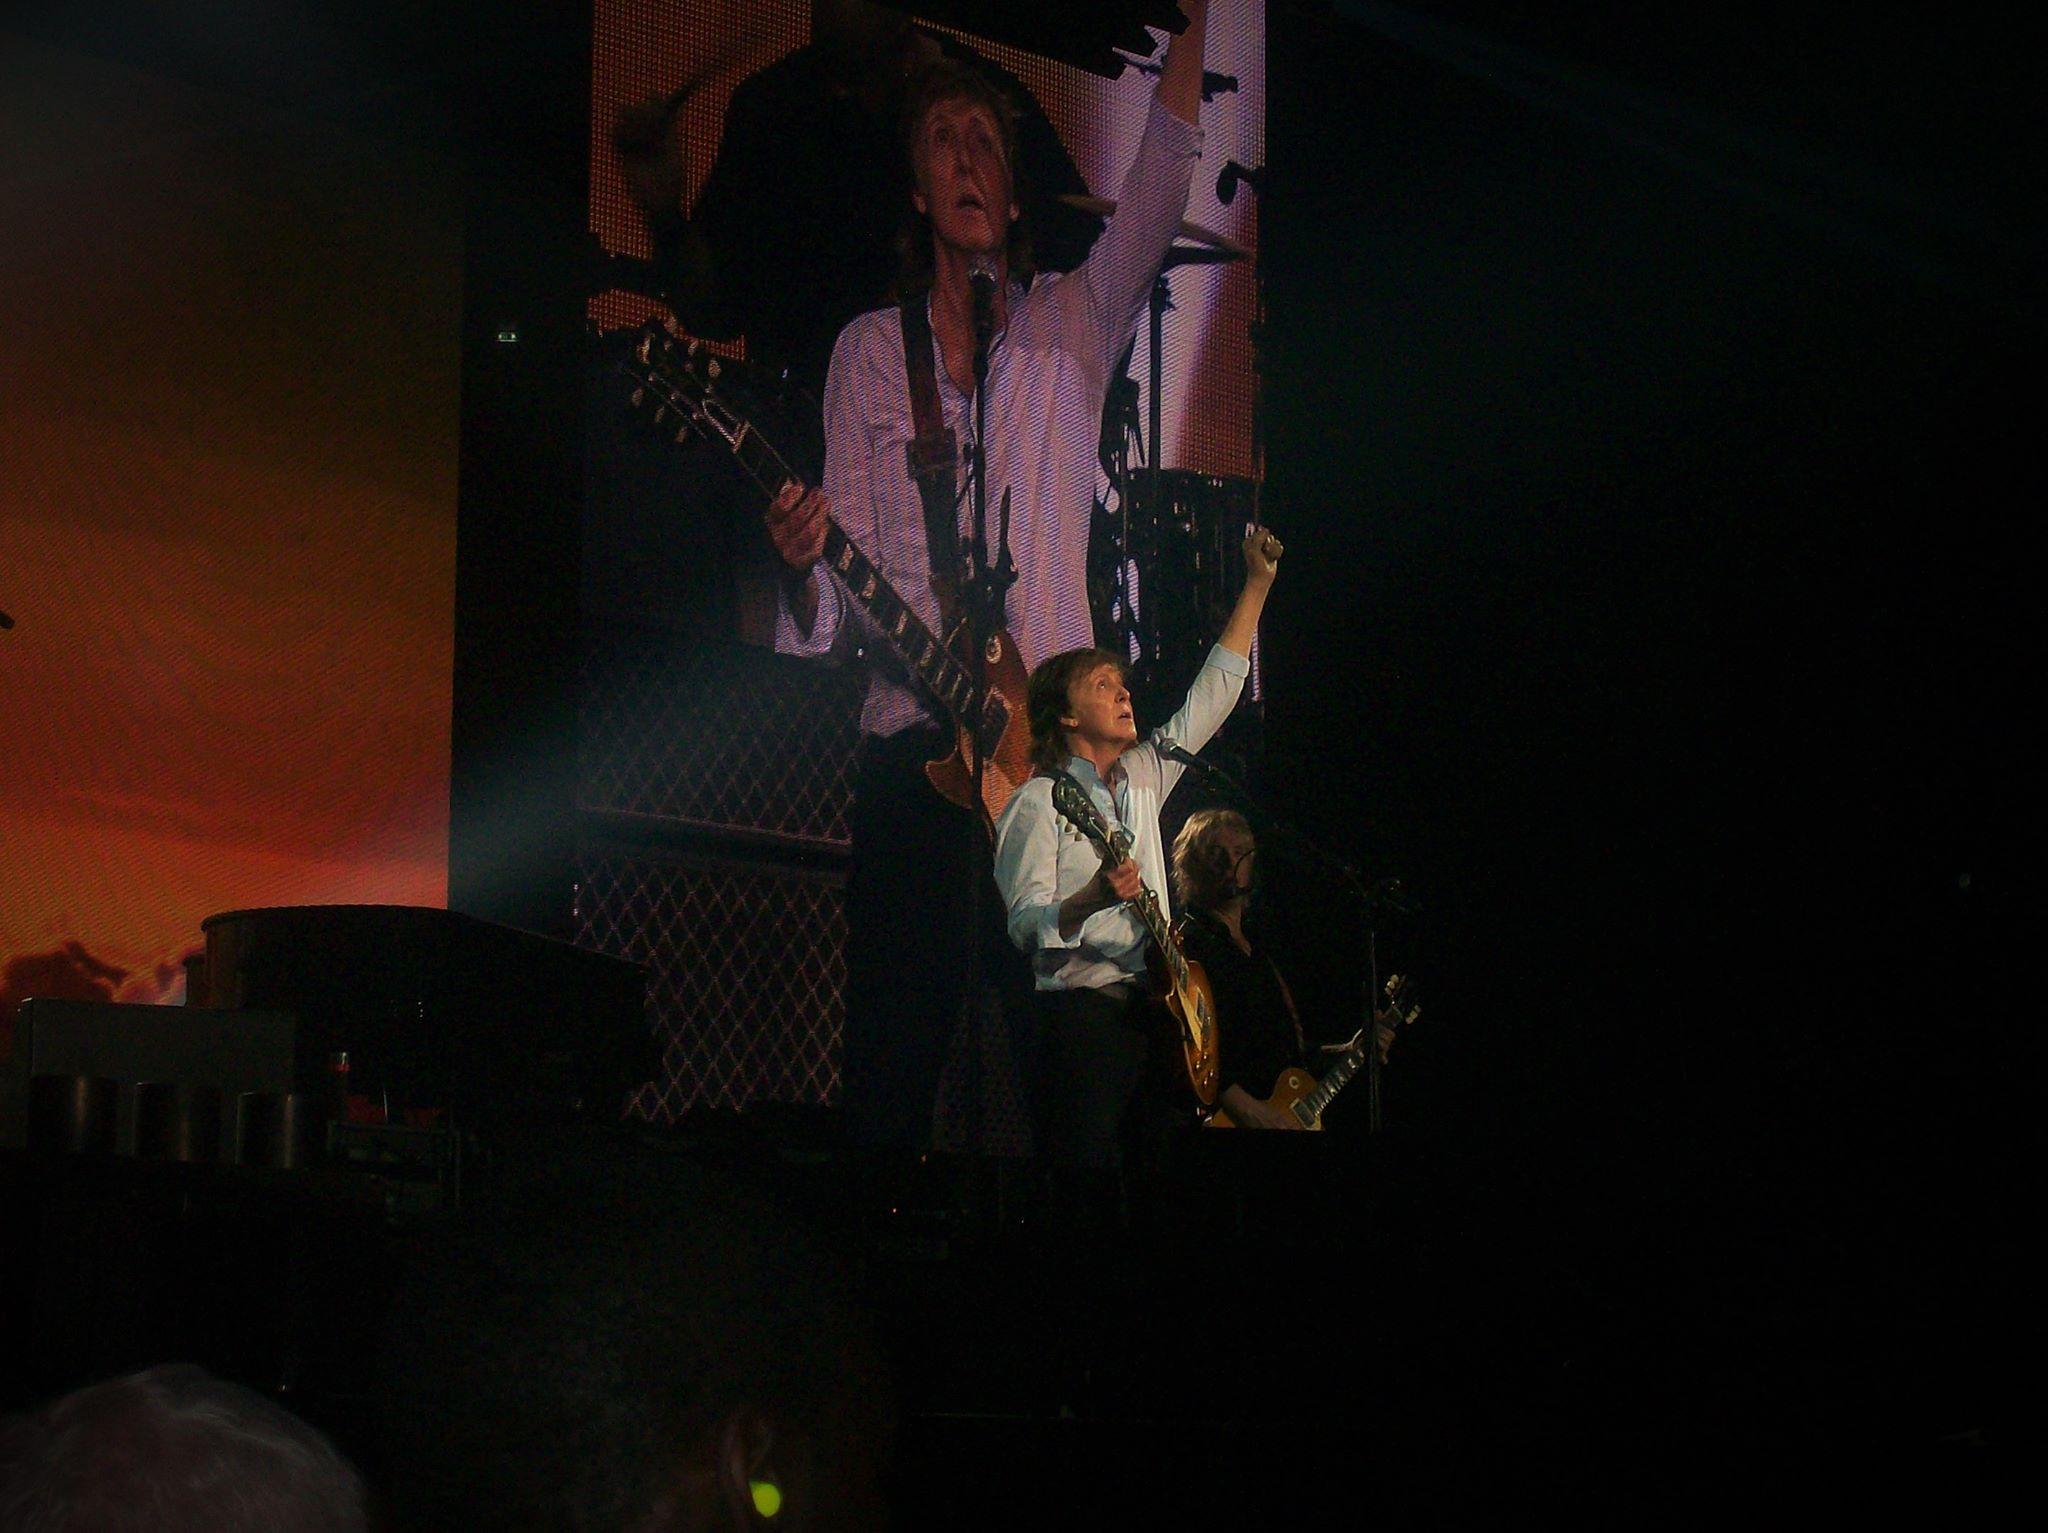 Paul McCartney - The End